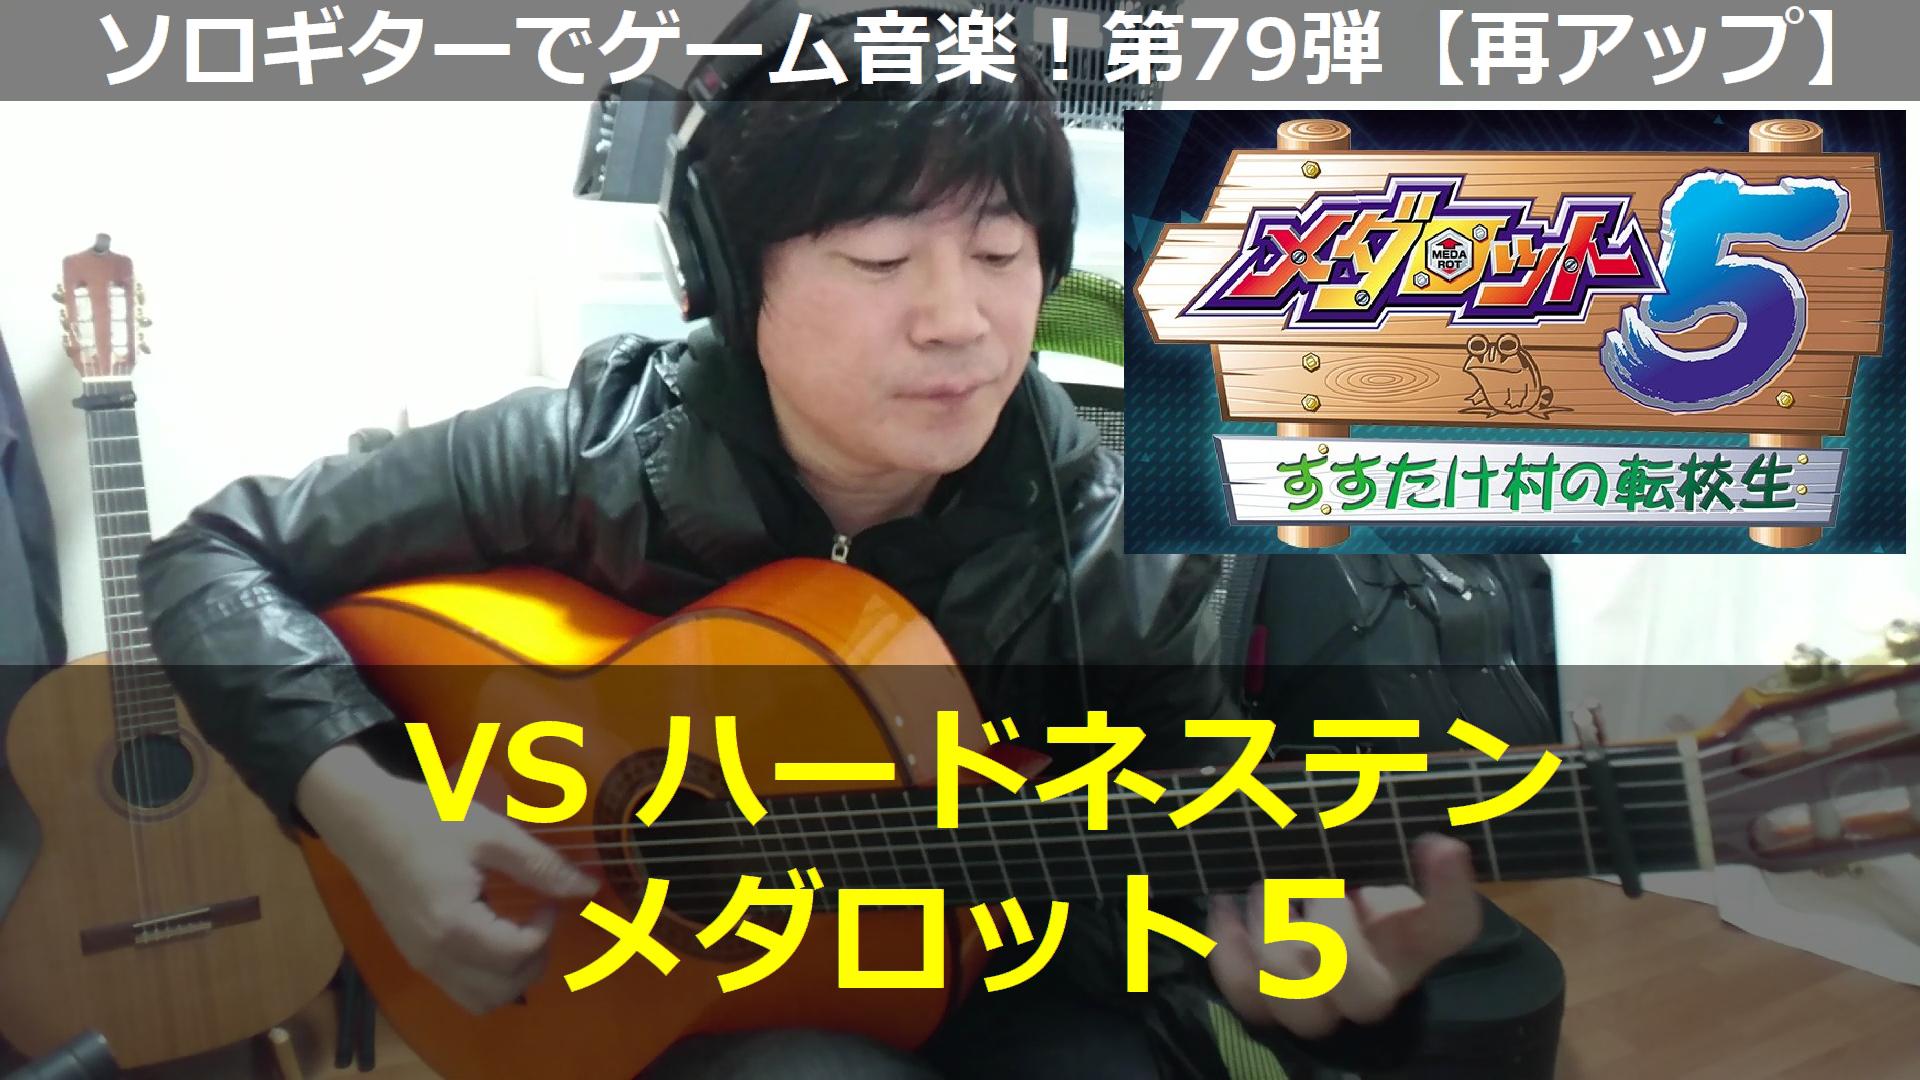 メダロット5 VSハードネステン ギター演奏